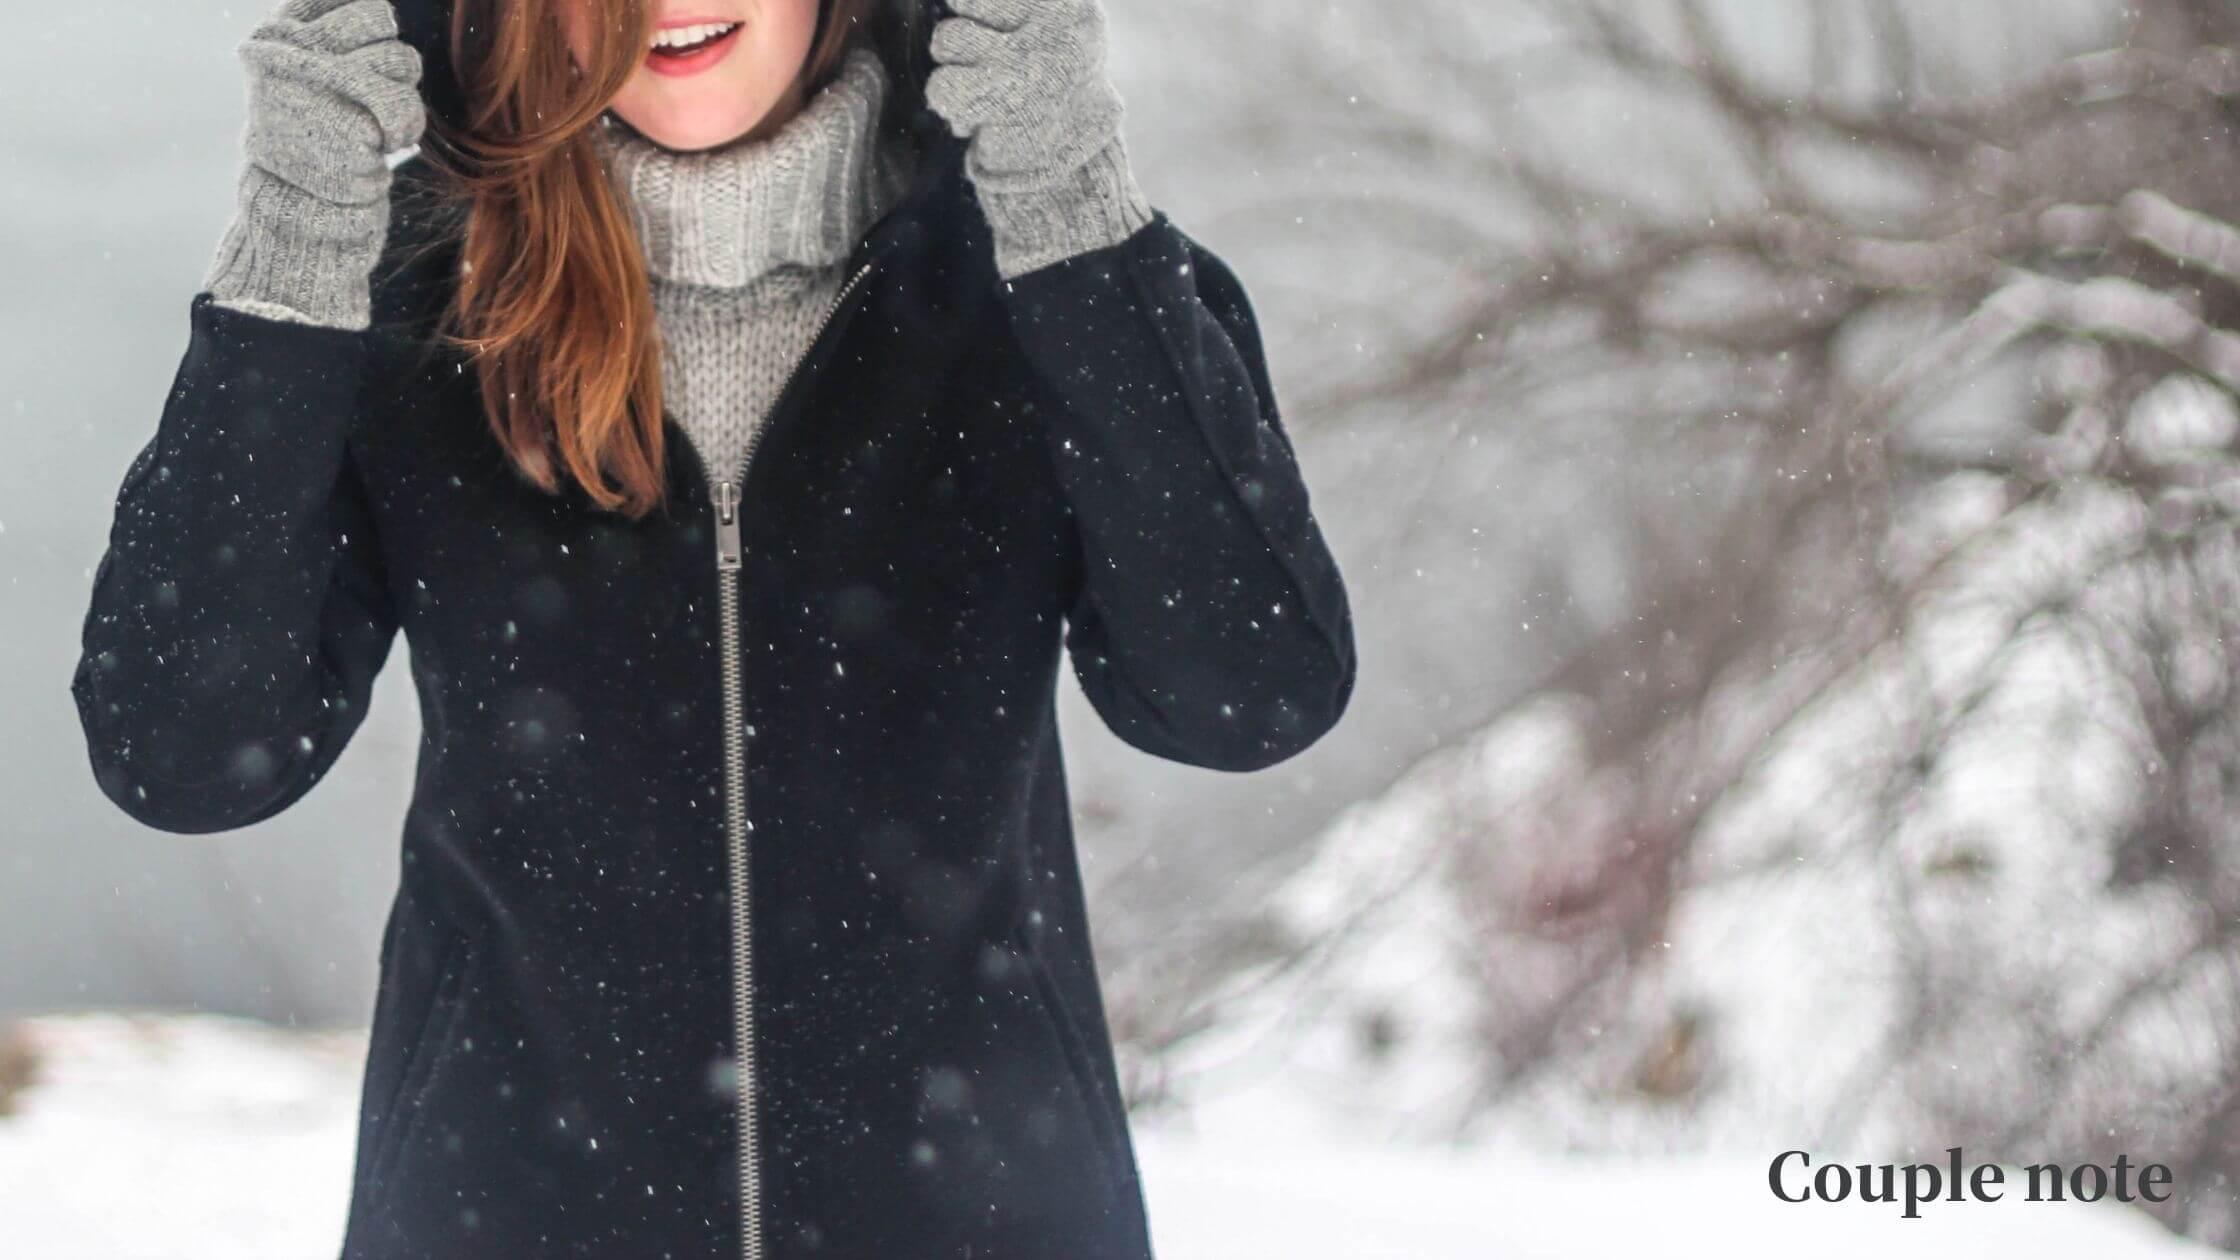 【テレワーク寒さ対策7選】足元や手を温める在宅勤務の神器を紹介!